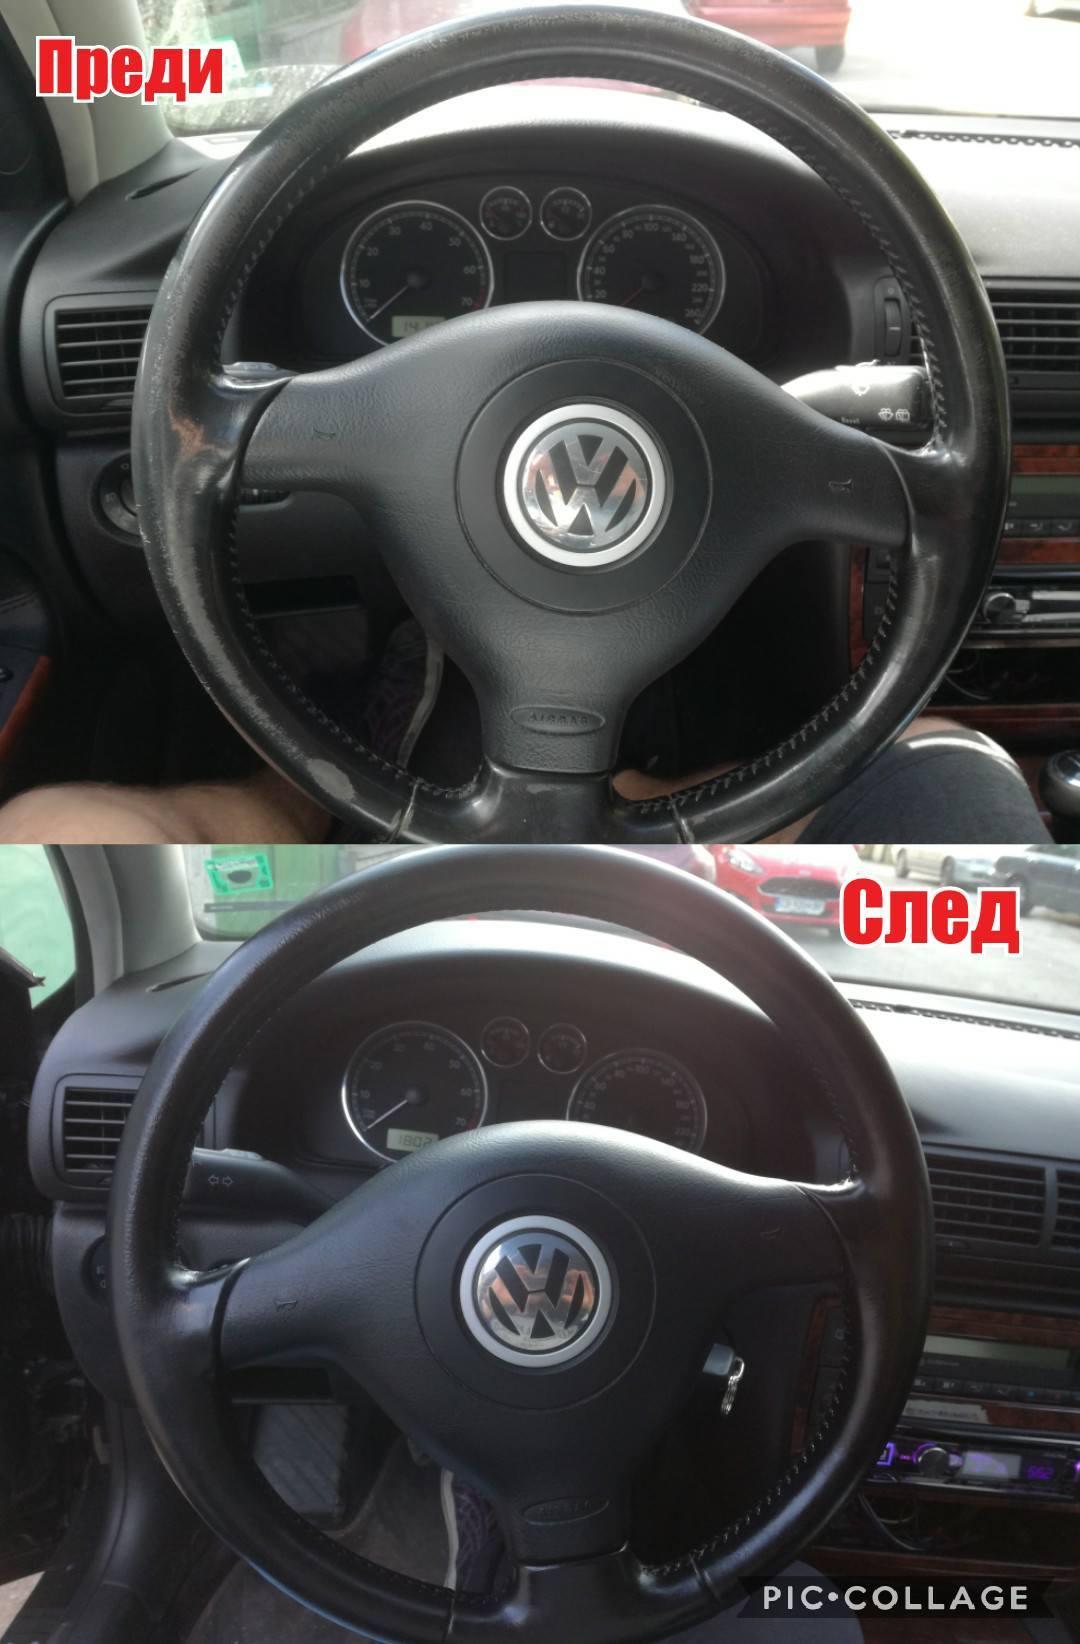 Голф - възстановен черен волан преди и след